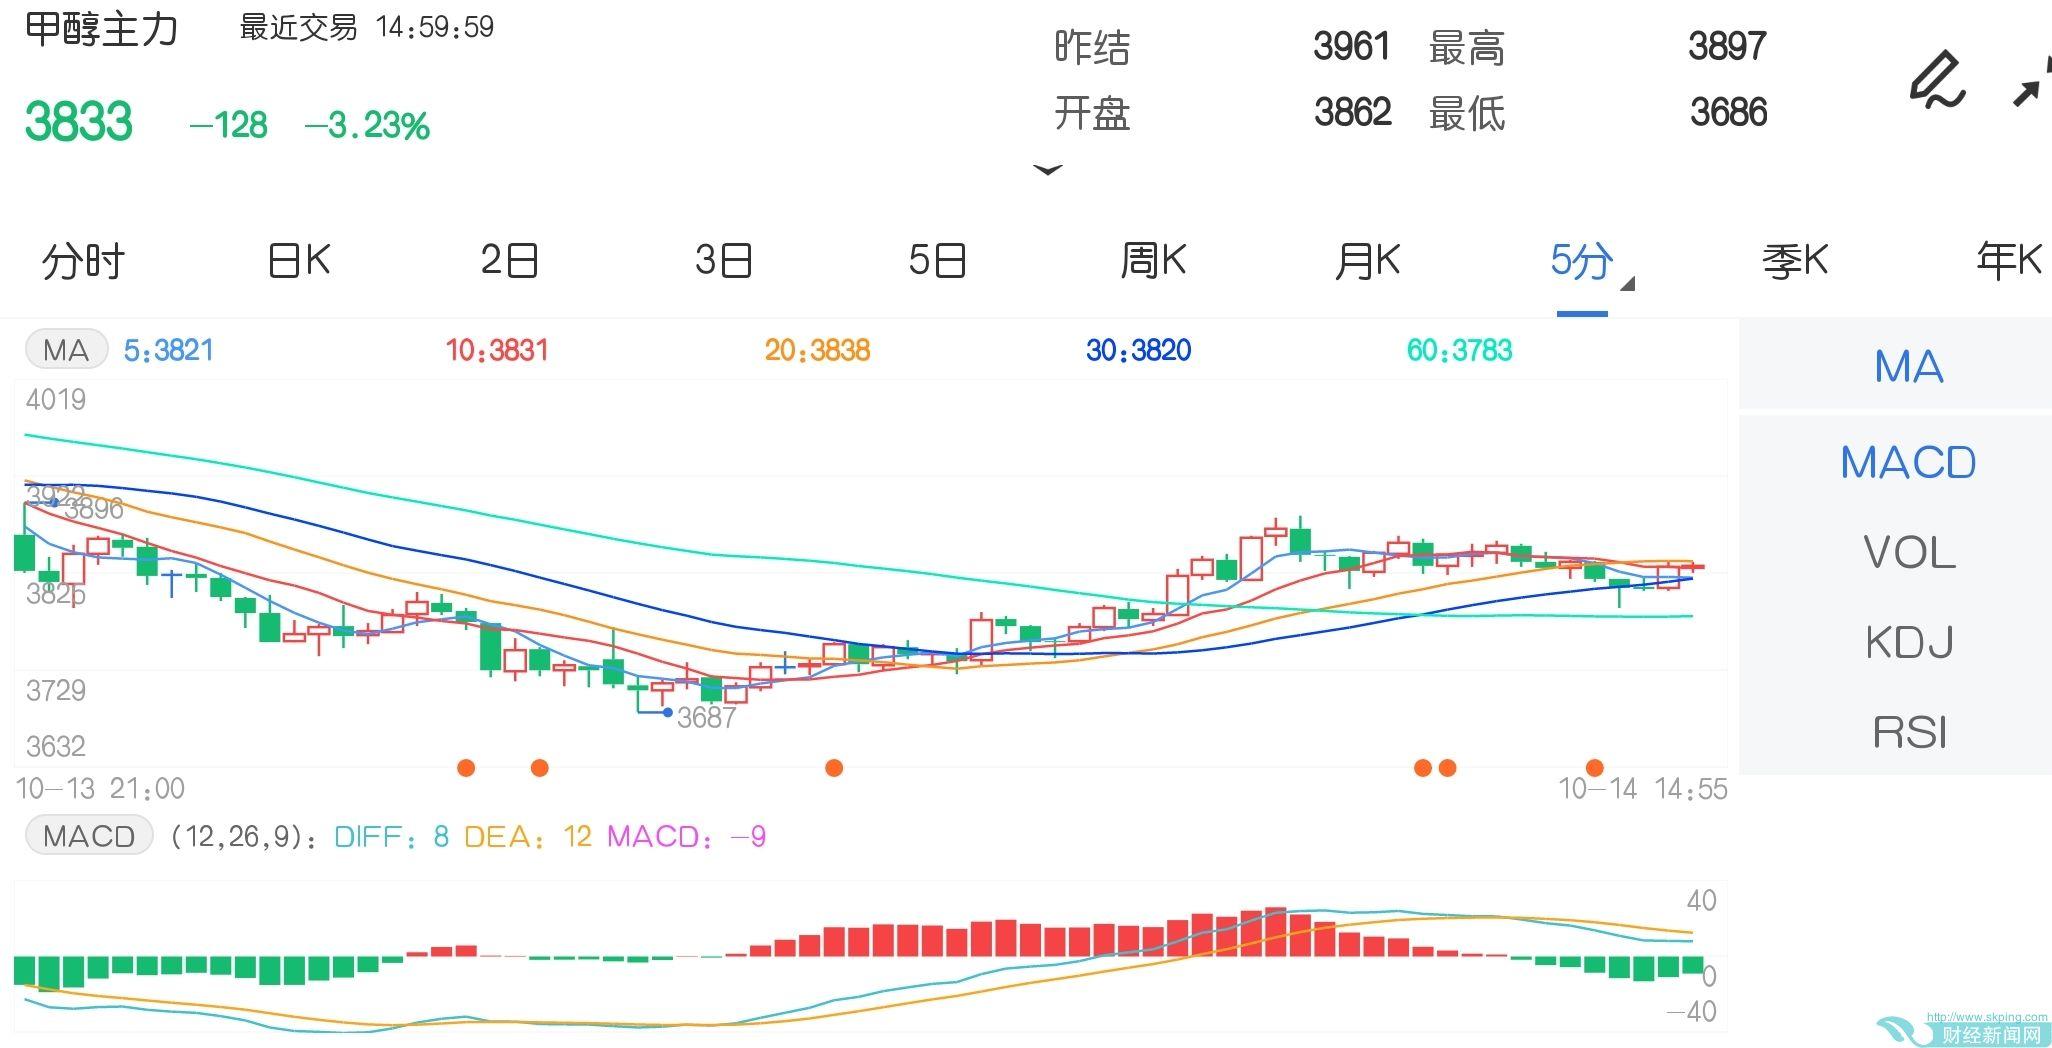 10月14日期货软件走势图综述:甲醇期货主力跌3.23%